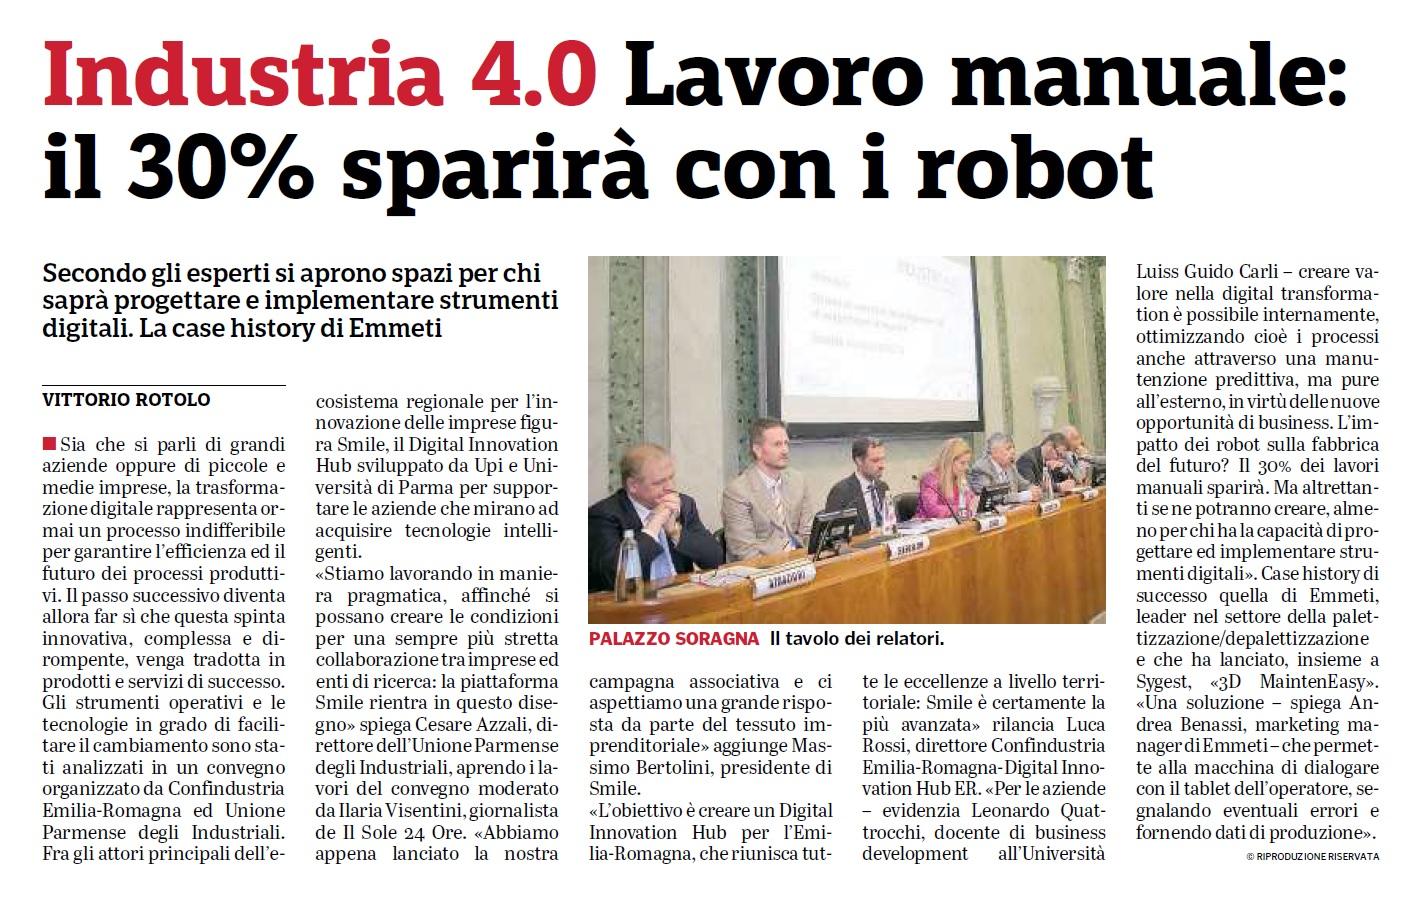 Industry 4.0 - Confindustria Parma | Sygest